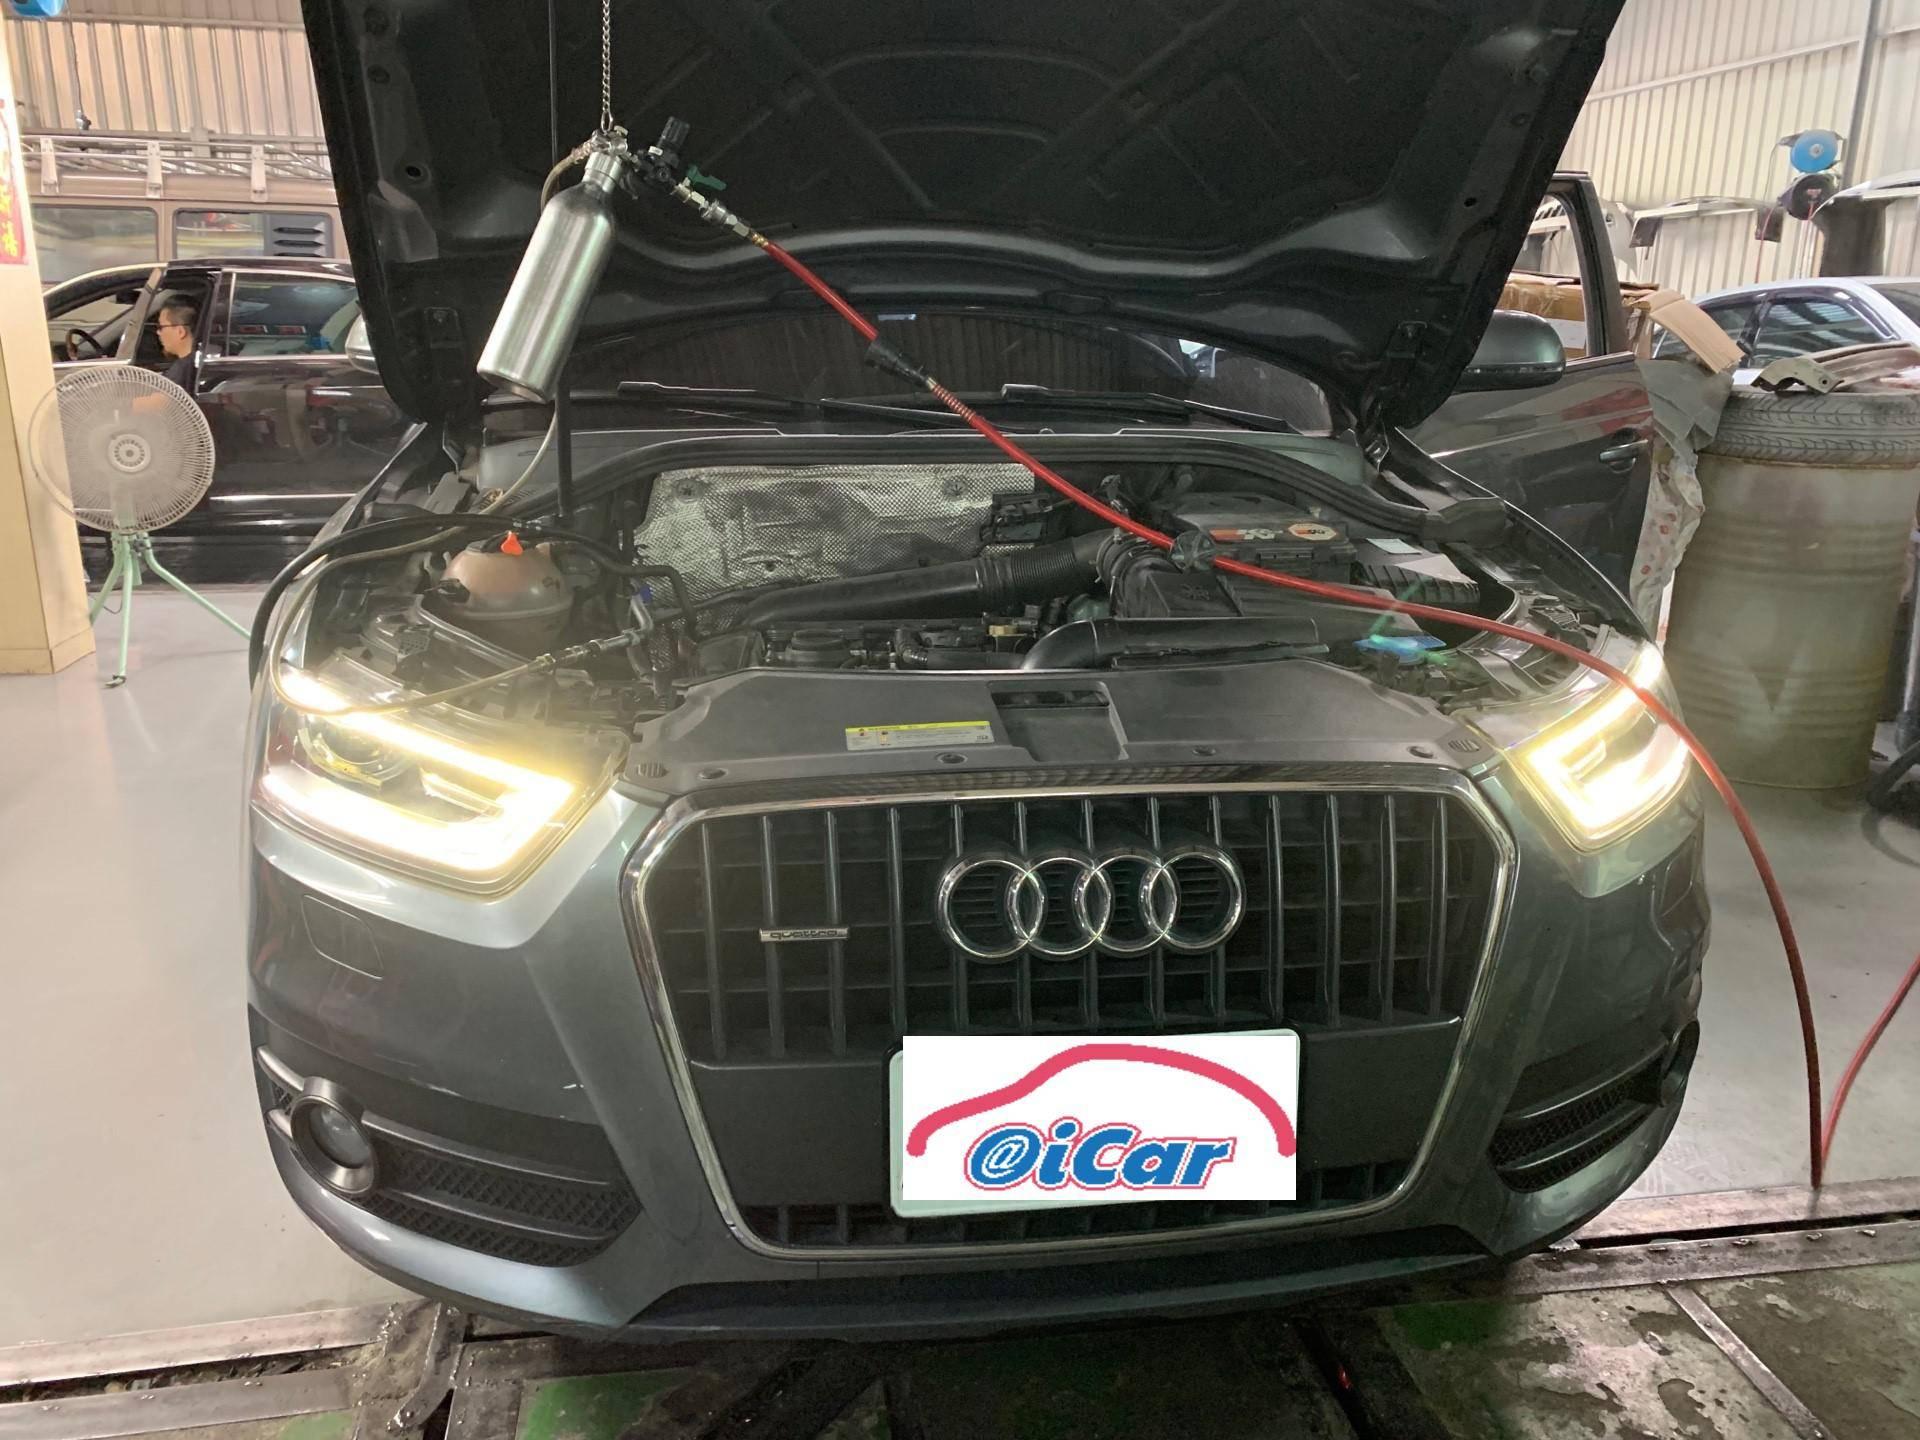 【振傑汽車】奧迪/AUDI Q3 定期保養#保養項目#清洗空氣芯#引擎保護劑#德國油路清洗劑